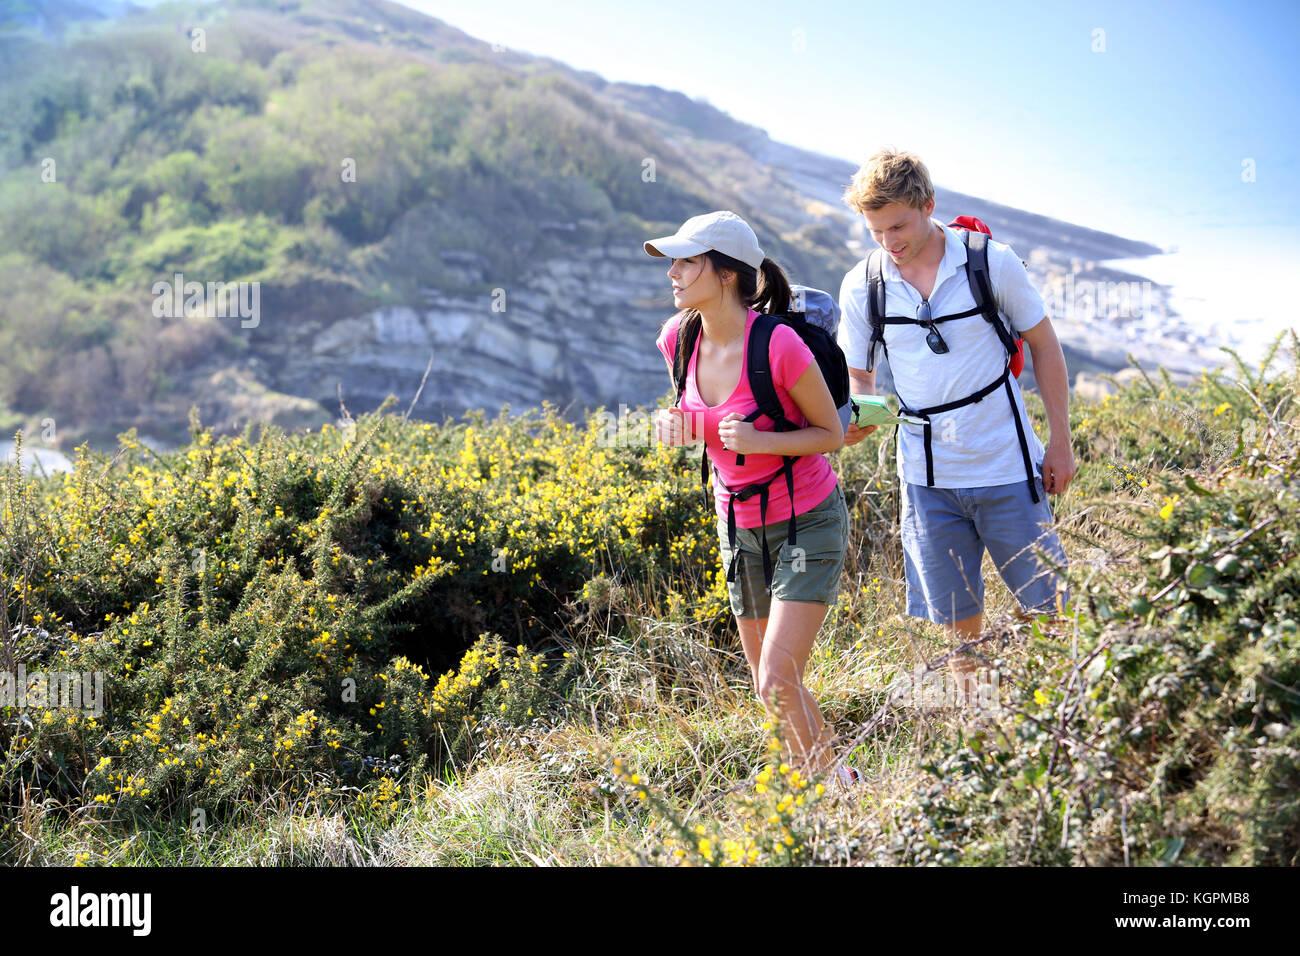 Paar Wanderer im Feld Land am Meer Stockbild